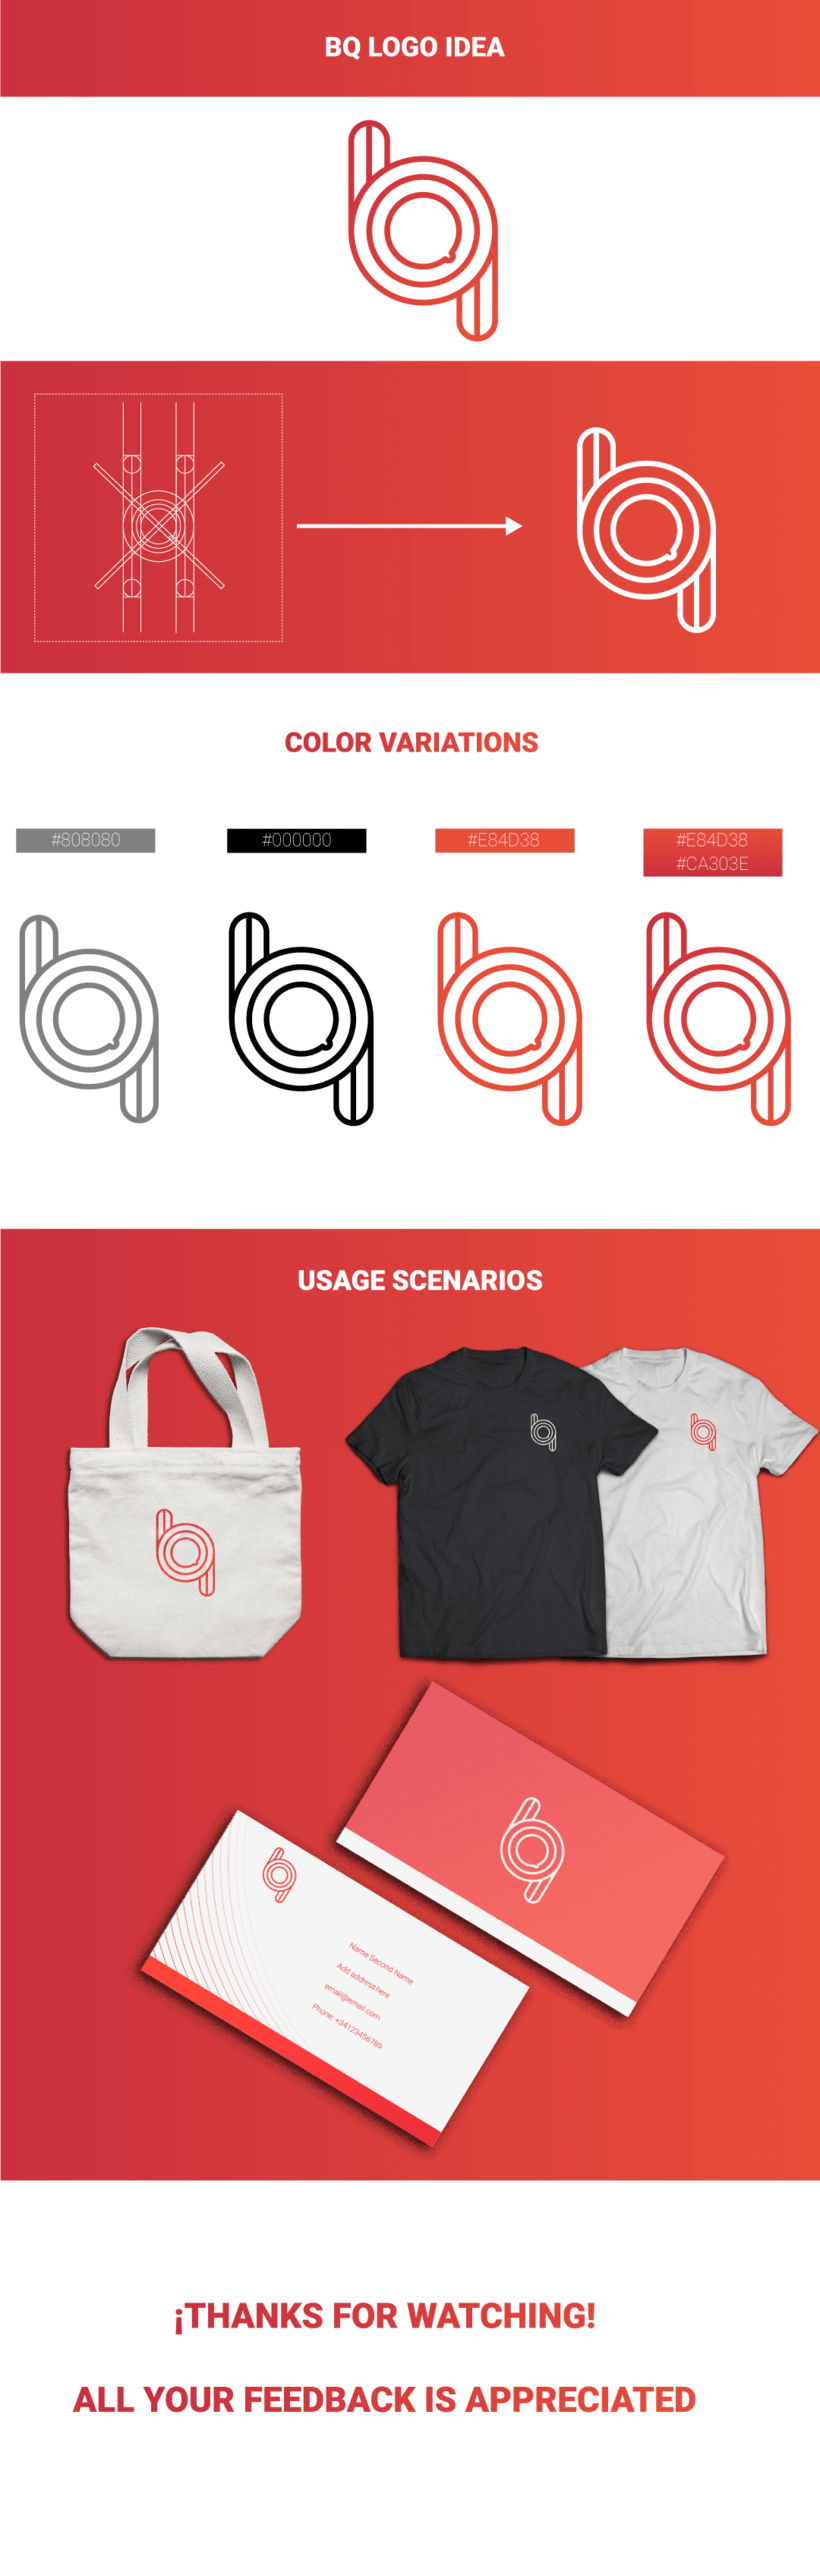 BQ logo idea 1